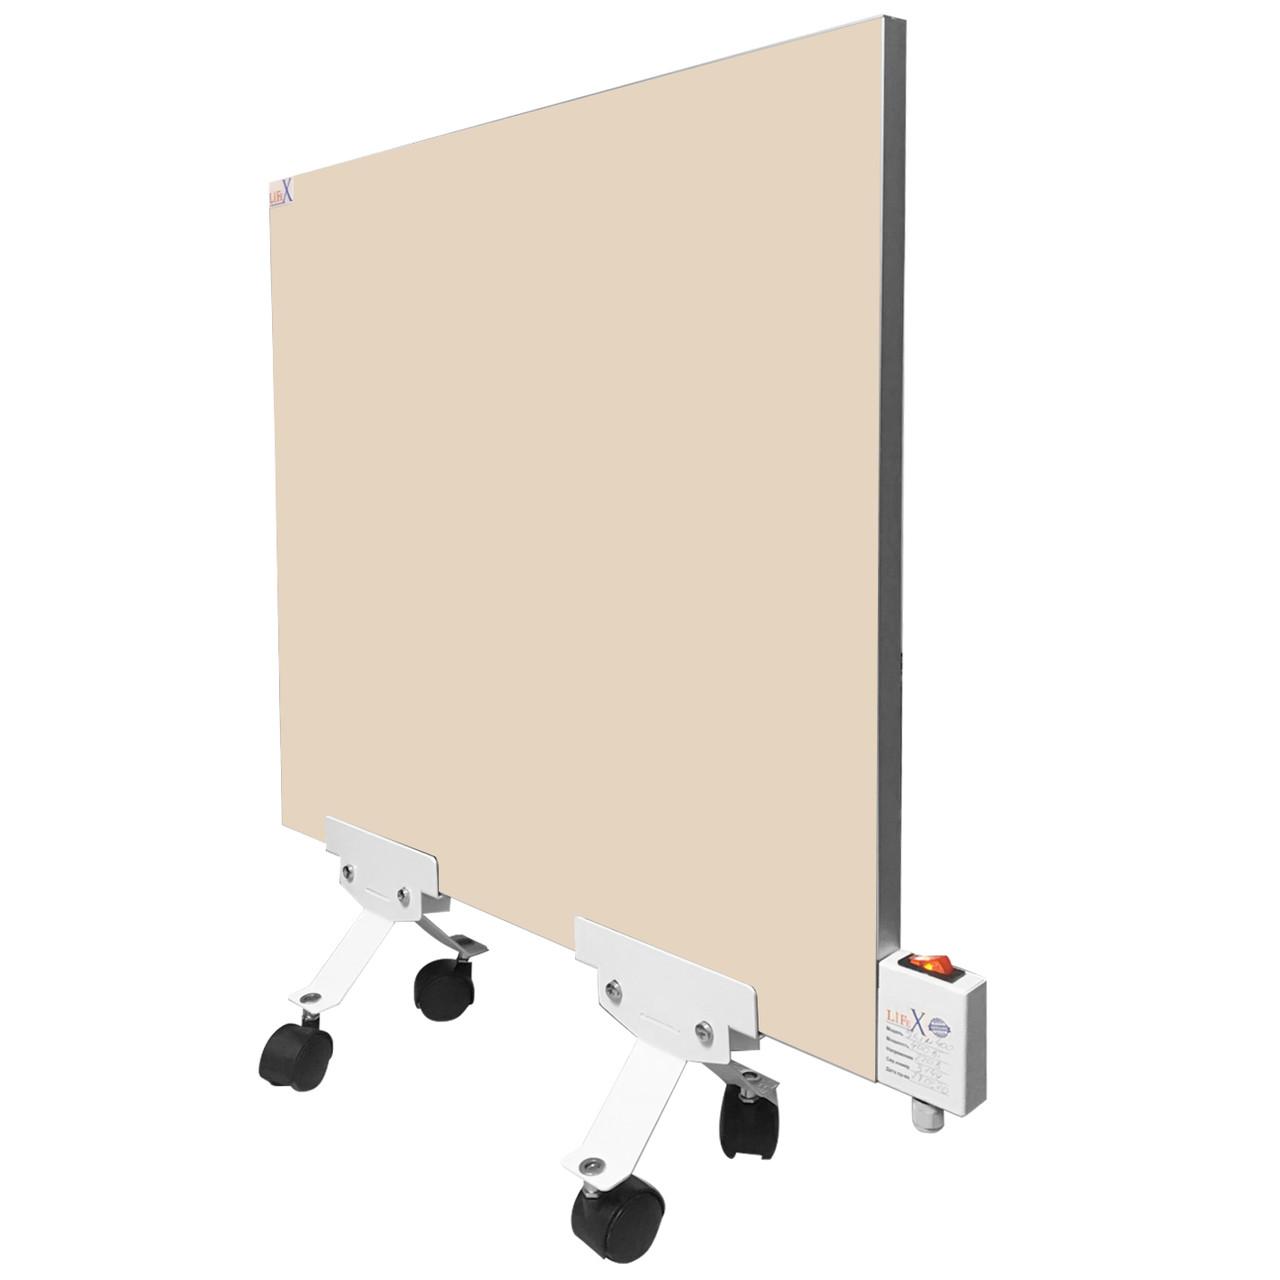 Керамическая панель LIFEX Slim 400 Вт (бежевая)